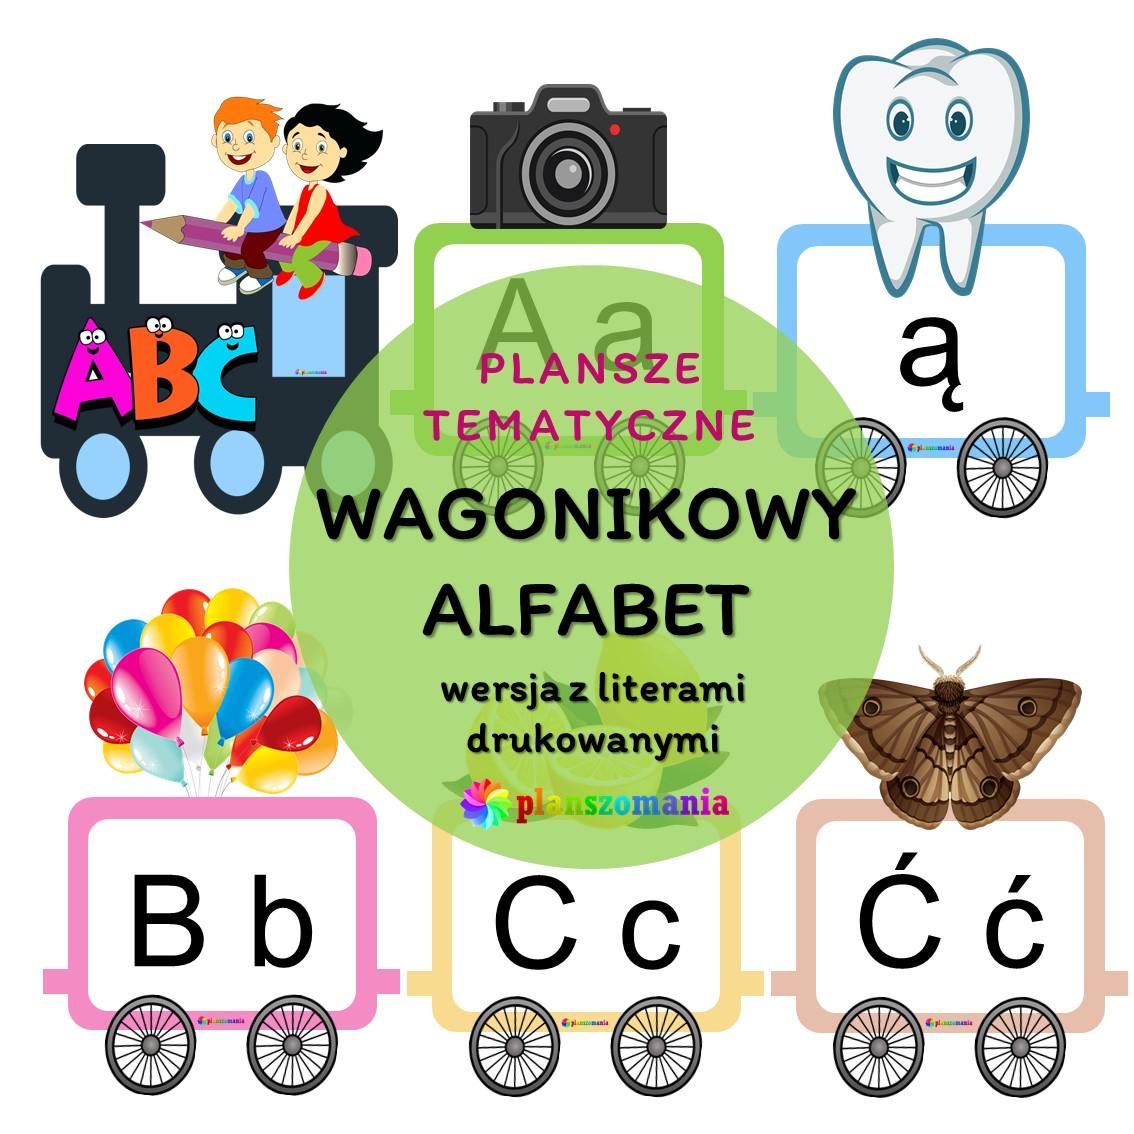 wagonikowy alafabet pociąg z literami drukowanymi monografia liter do pobrania pdf za darmo planszomania do druku dla dzieci